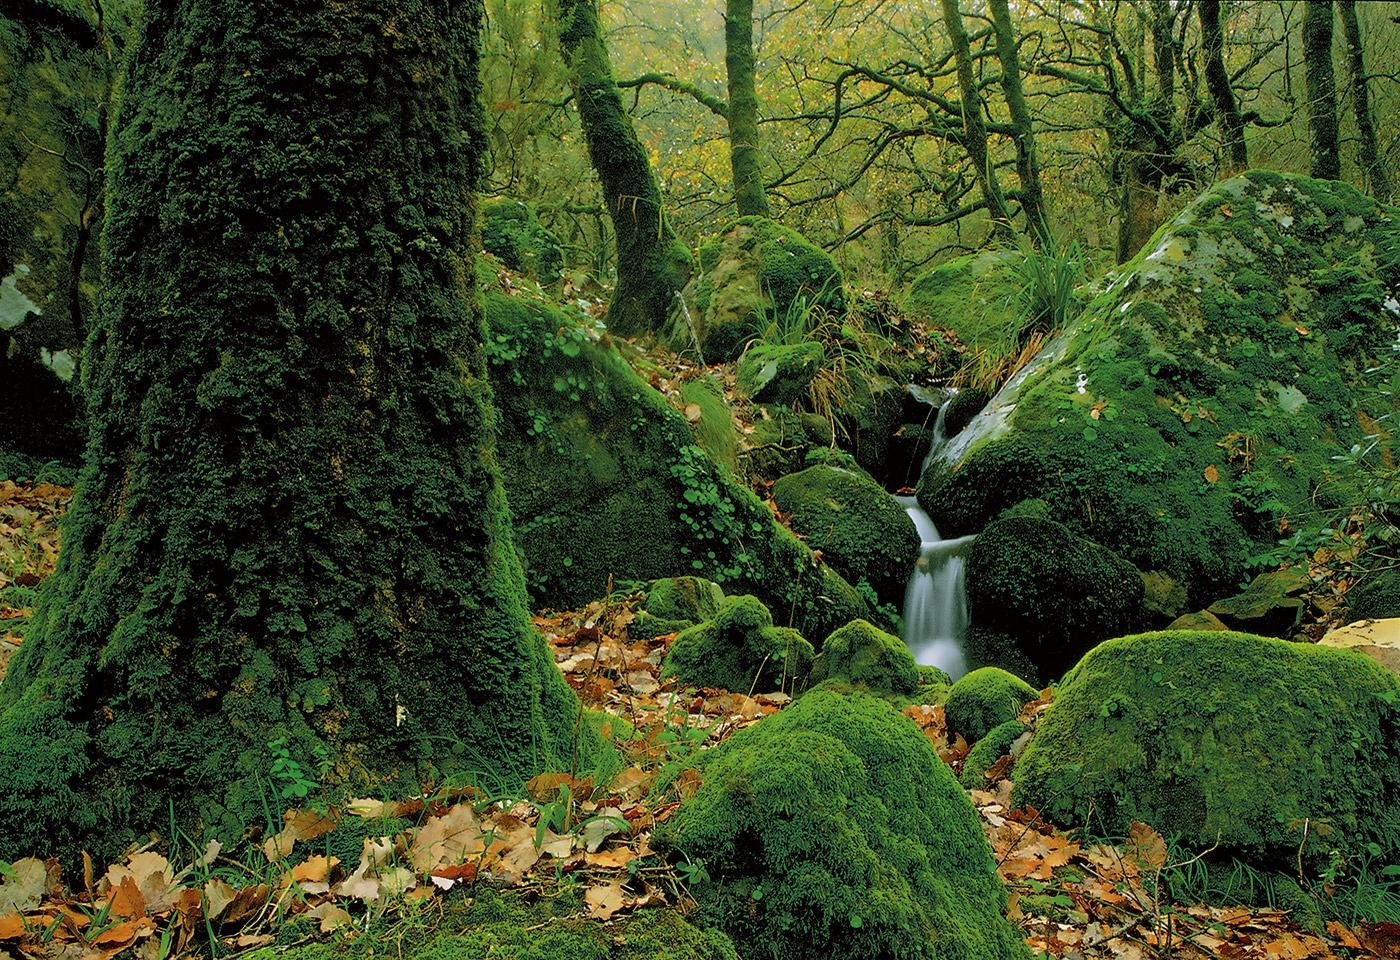 Los Alcornocales - Waldeinsamkeit - Peter Manschot Al Andalus Photo Tour, Landscape photography photos prints workshops Andalusia Spain